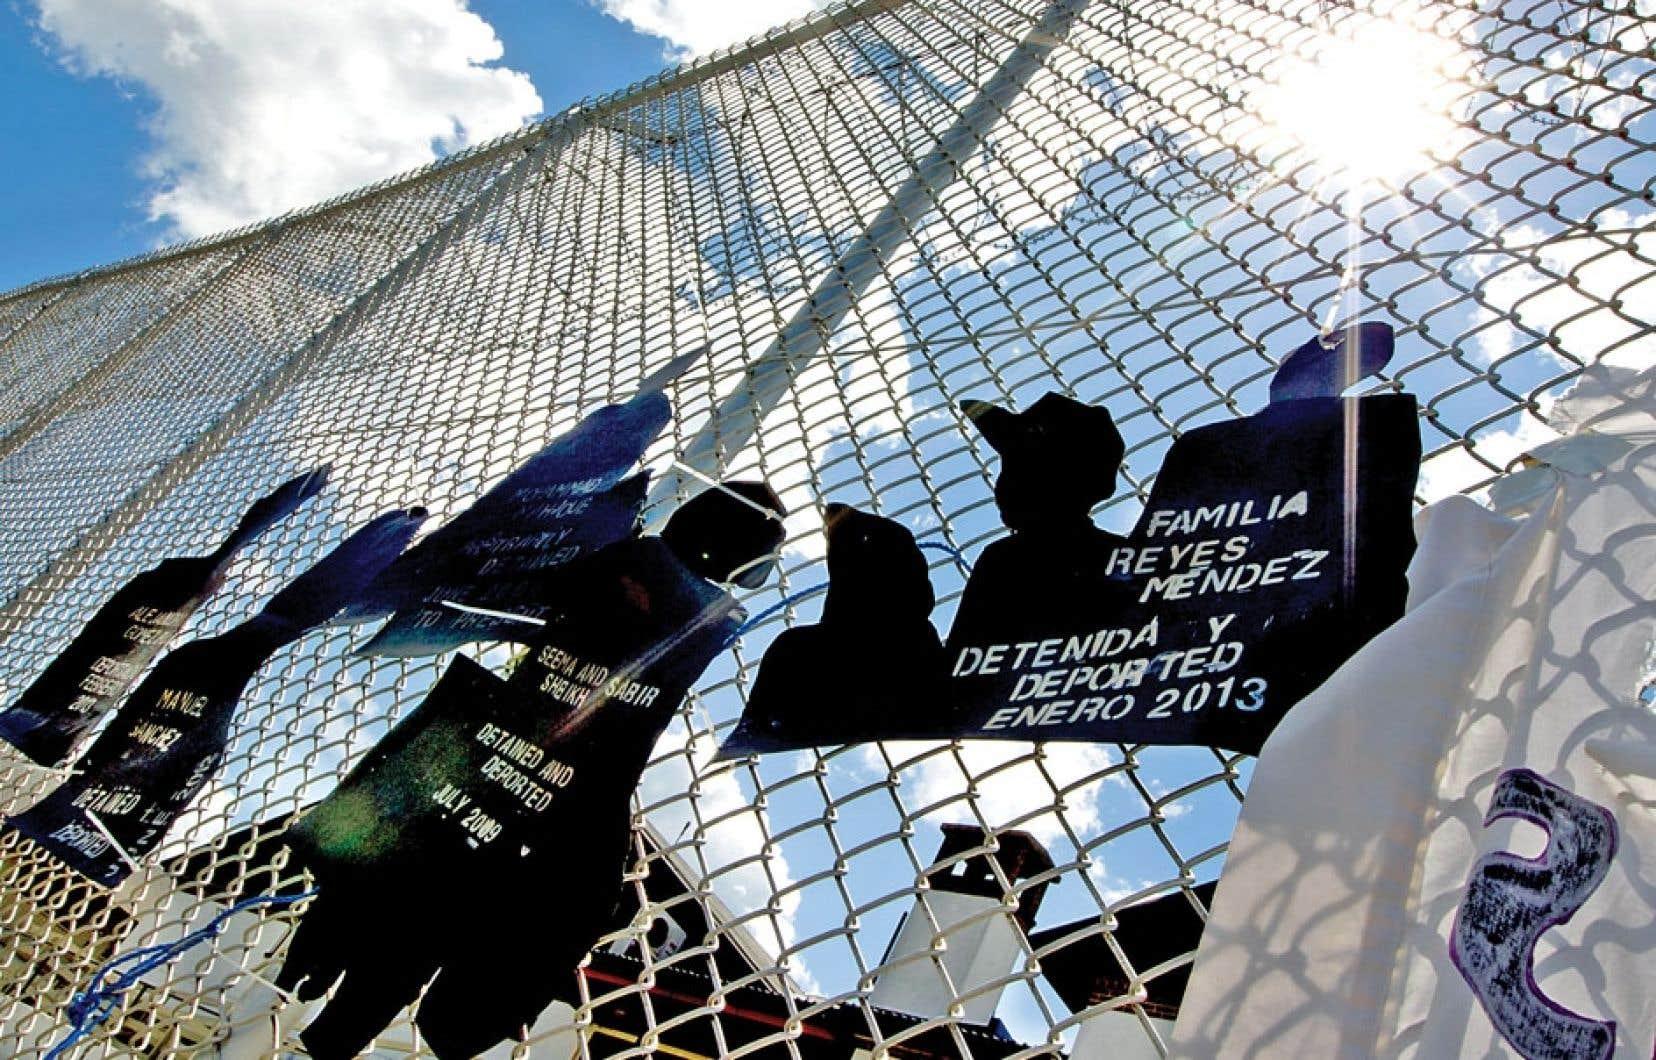 Les manifestants ont accroché des pancartes aux clôtures. Avec ses grillages, ses gardiens et ses accès contrôlés, le centre de l'ASFC fonctionne dans les faits comme une prison à sécurité moyenne.